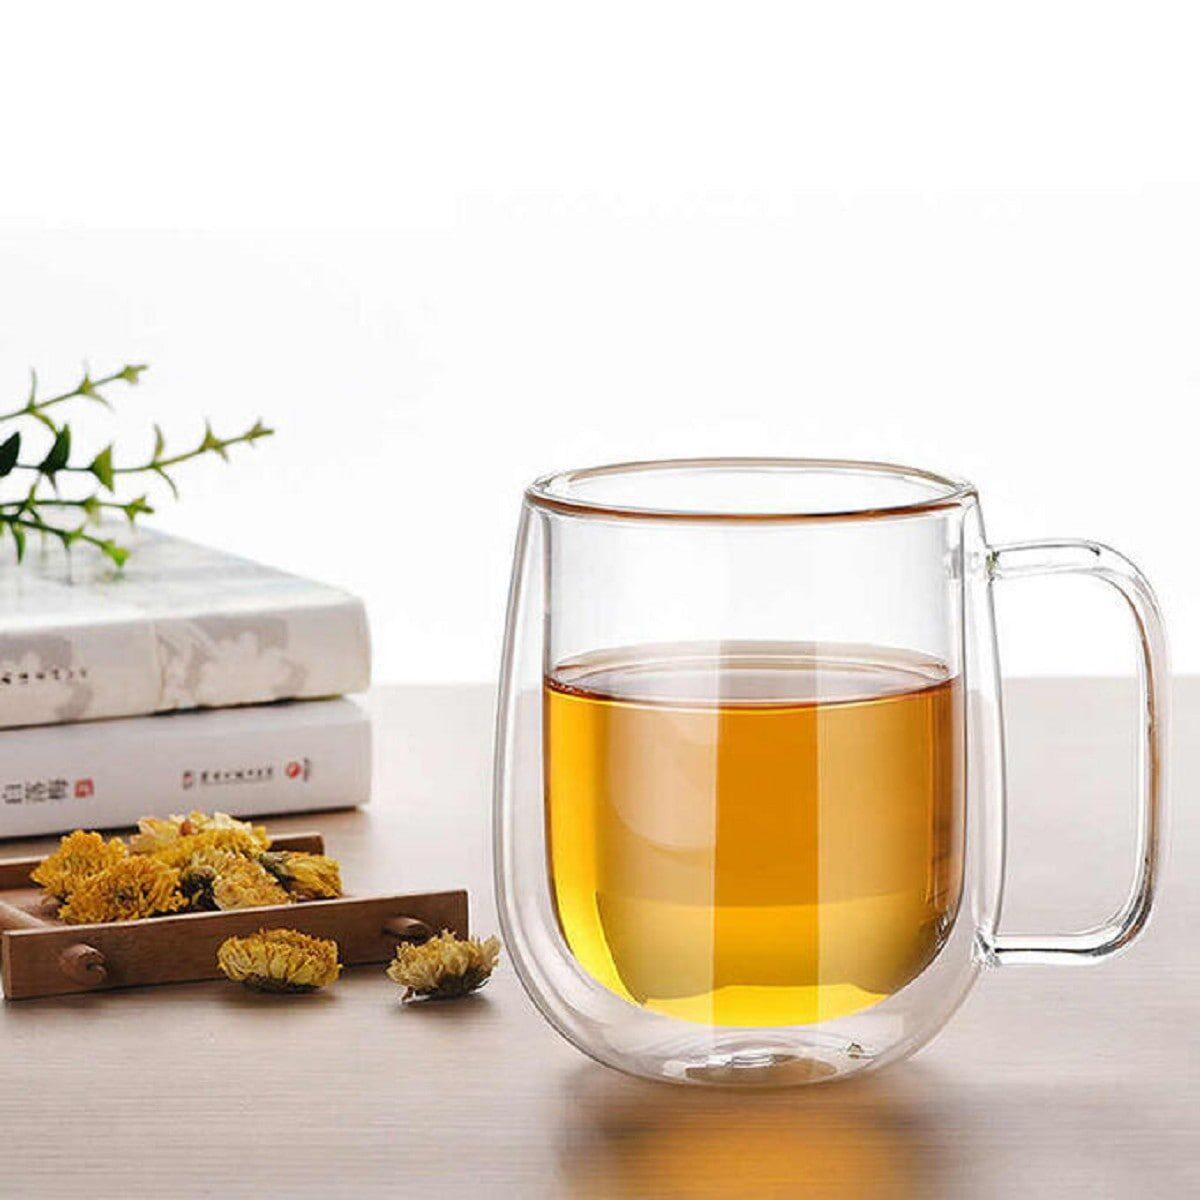 Чашка скляна з подвійним дном Прімула, 350 мл.